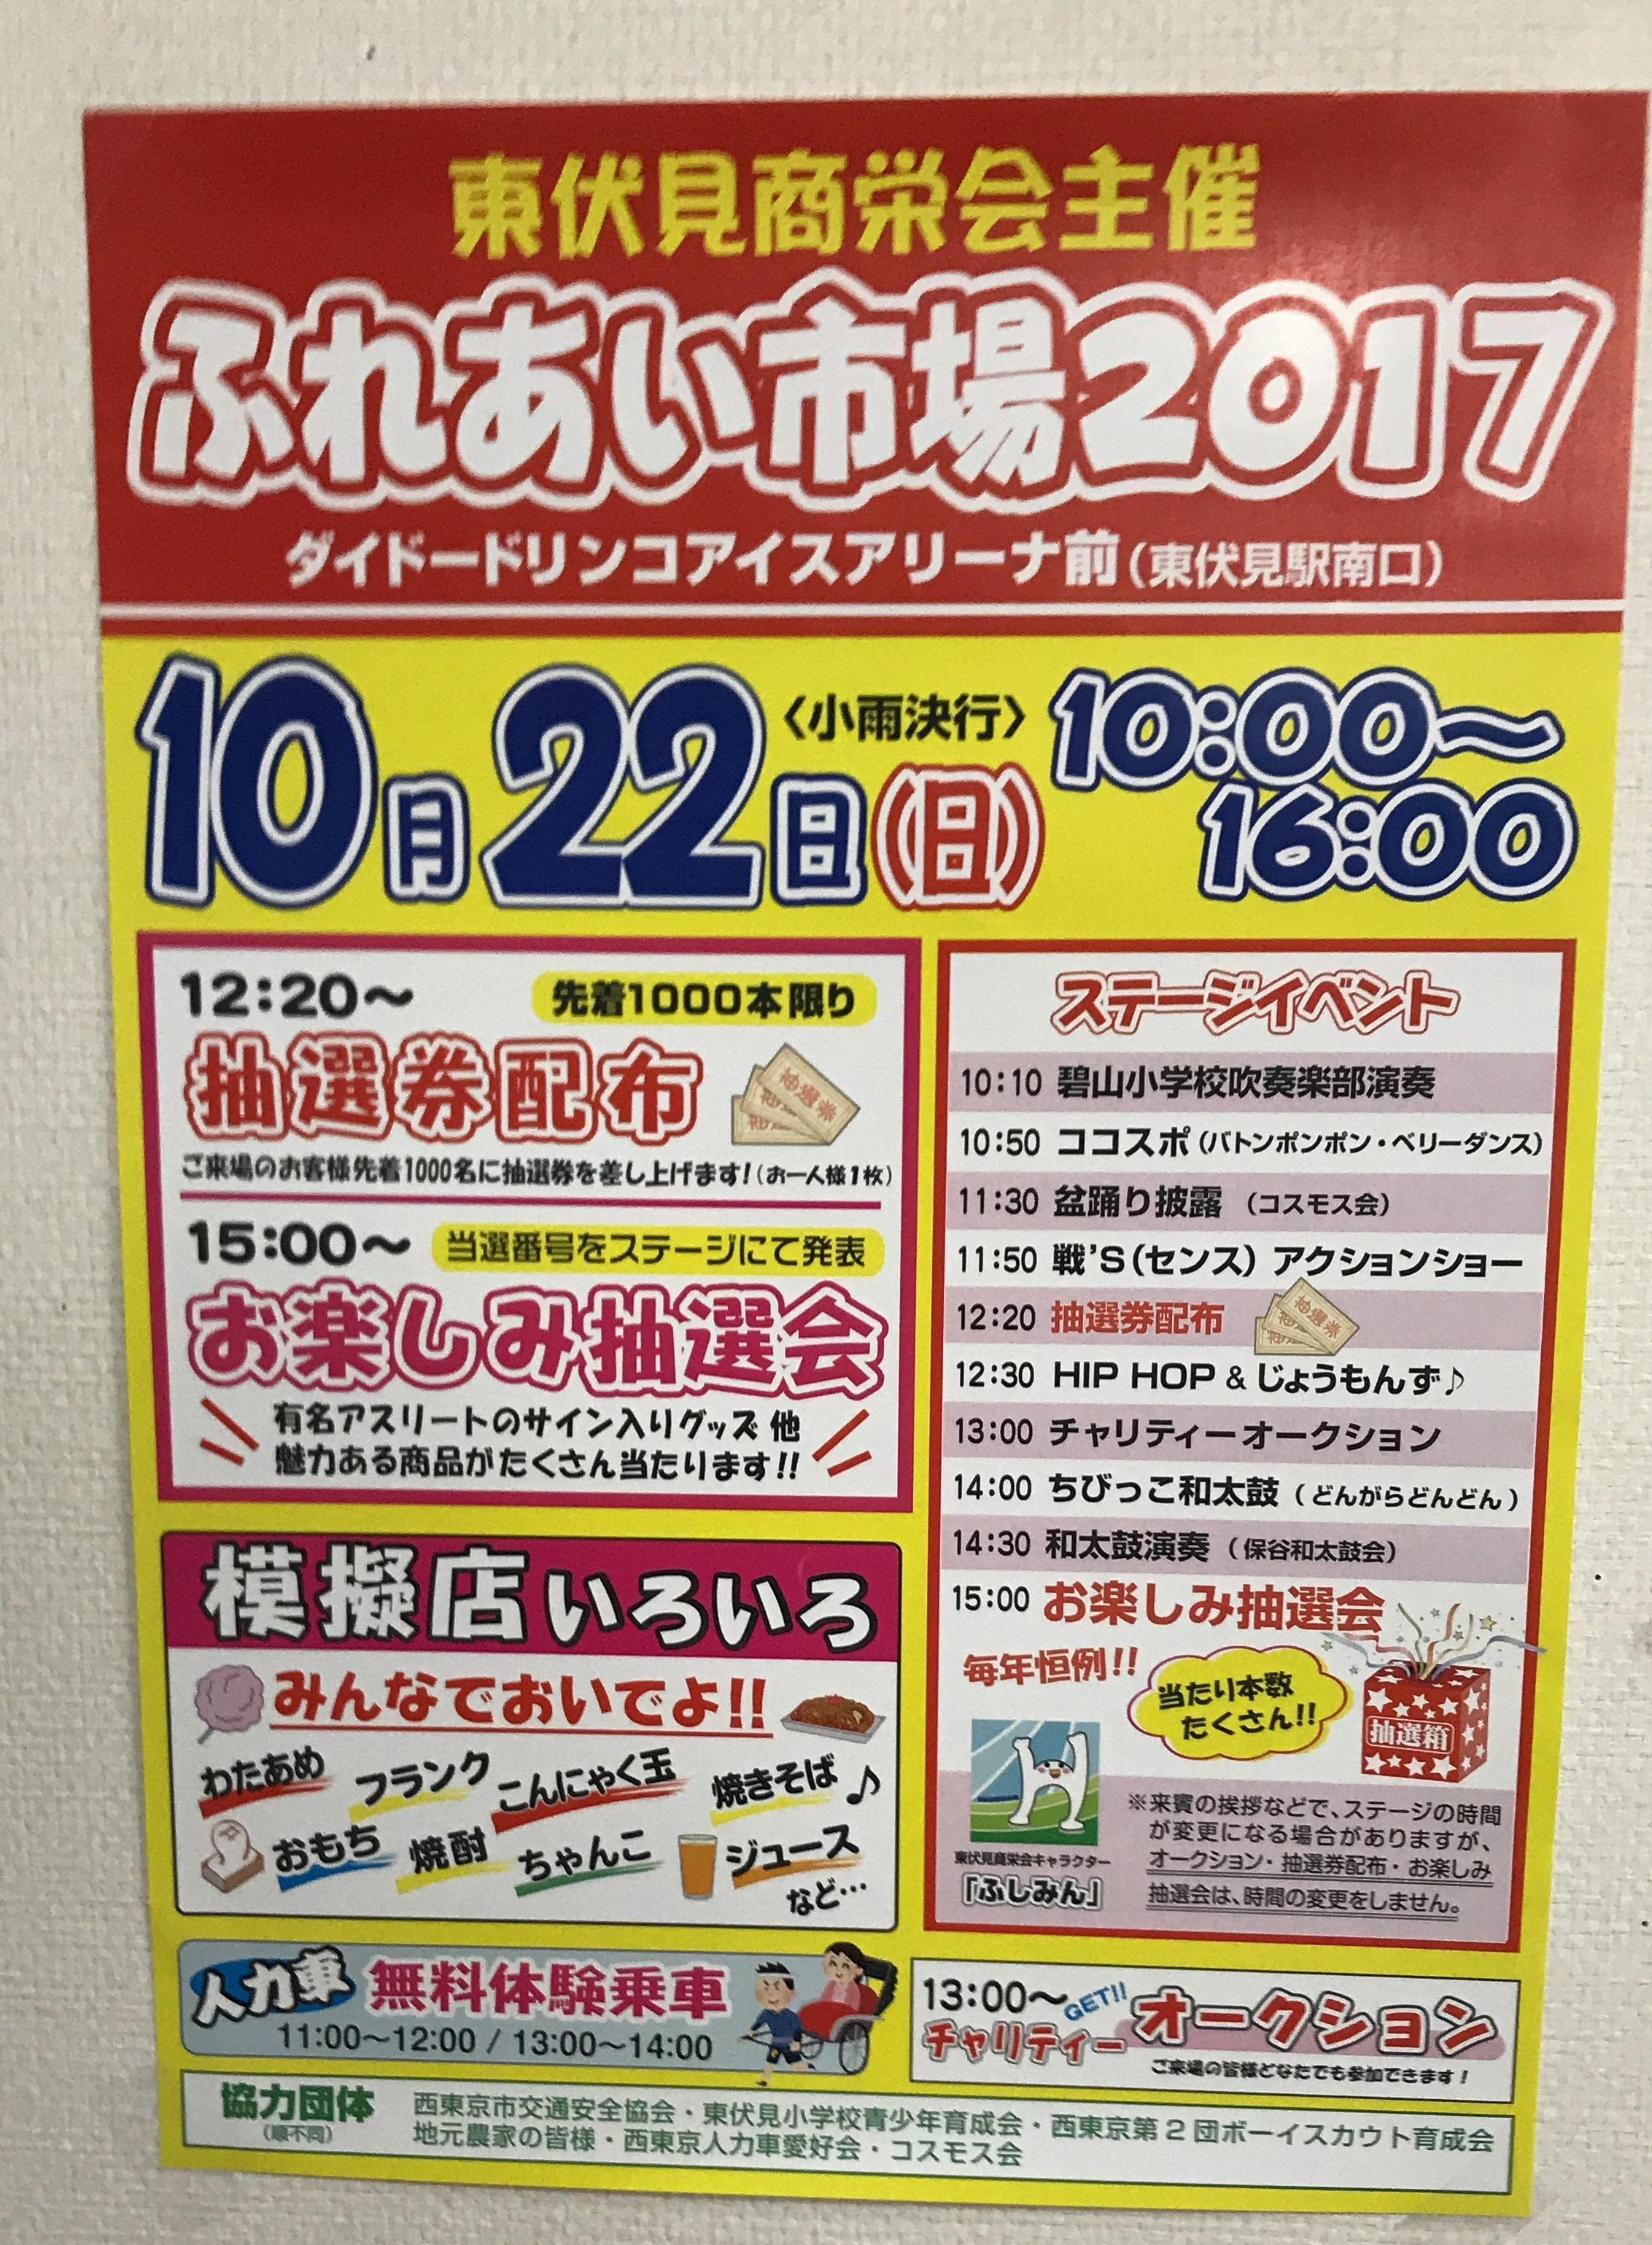 東伏見「ふれあい市場2017」